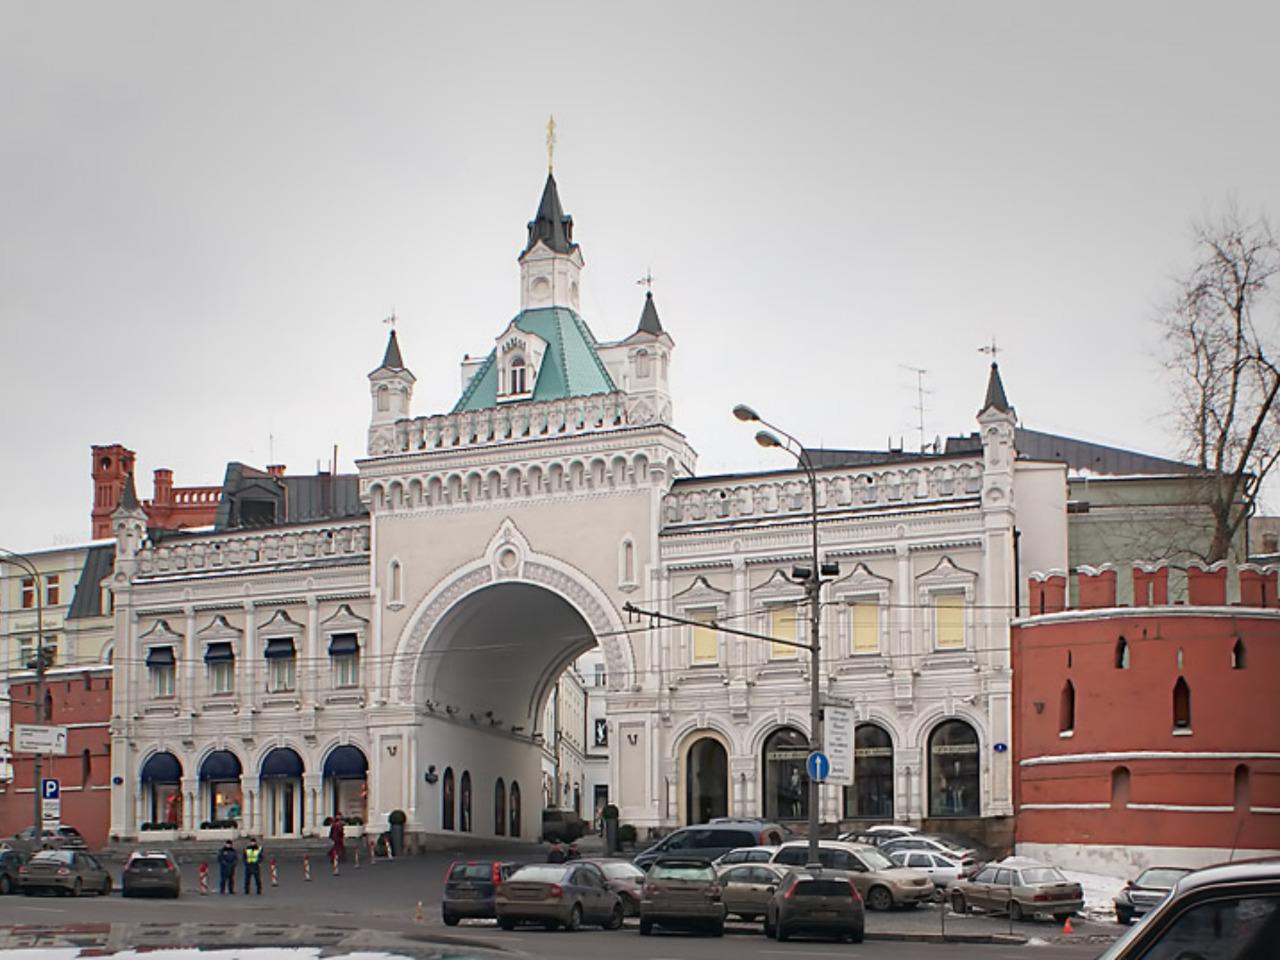 Древний Китай-город - индивидуальная экскурсия в Москве от опытного гида